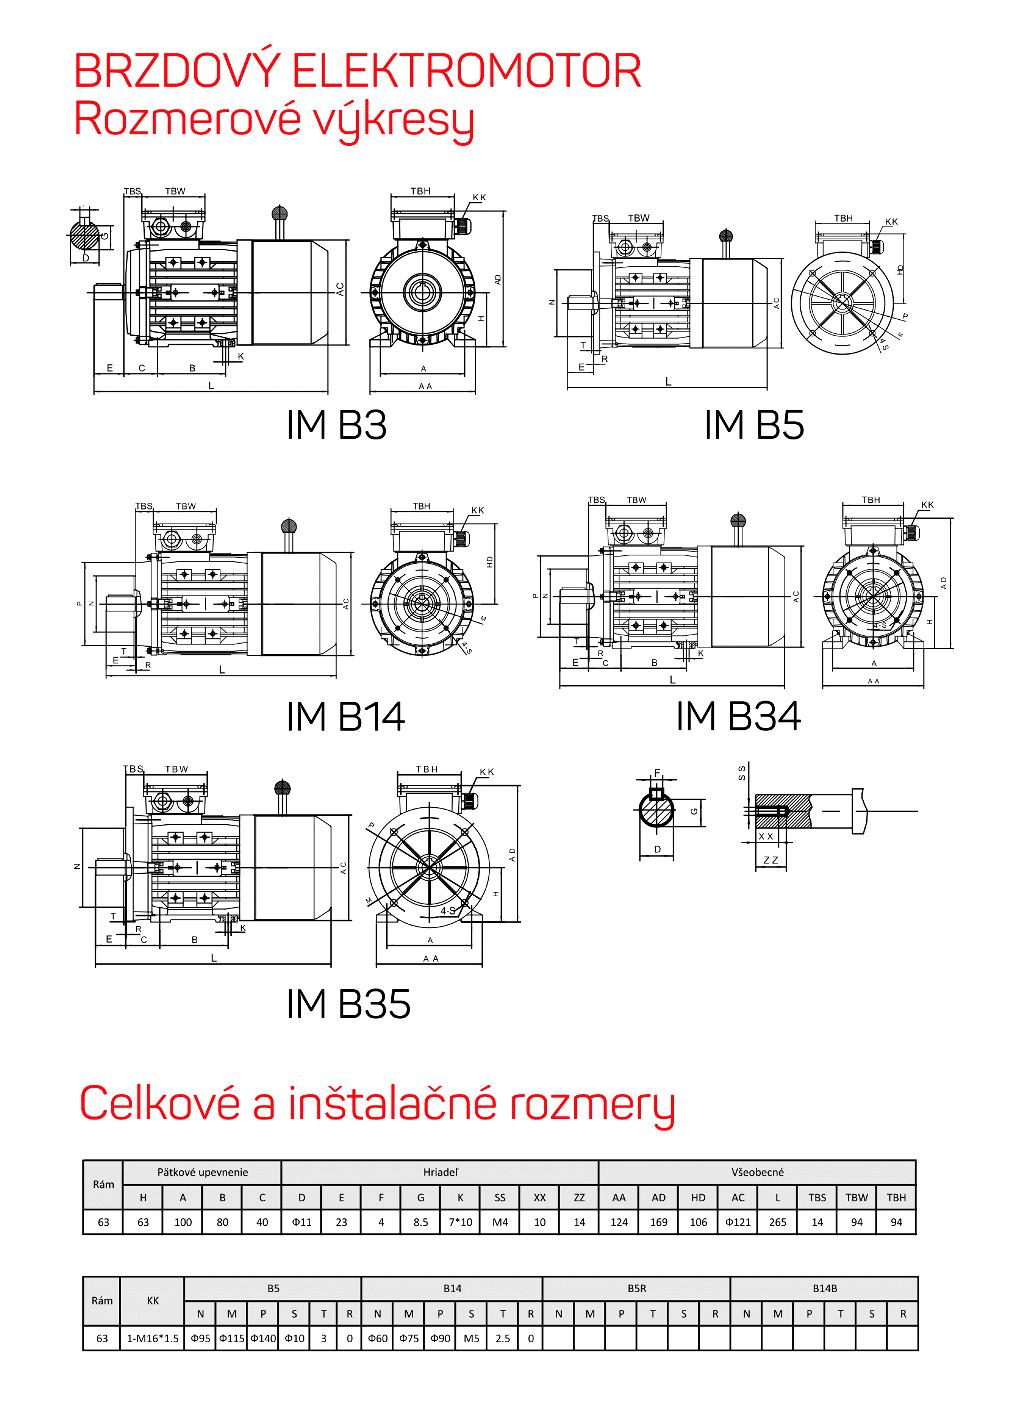 brzdové elektromotory rozměrový výkres 63